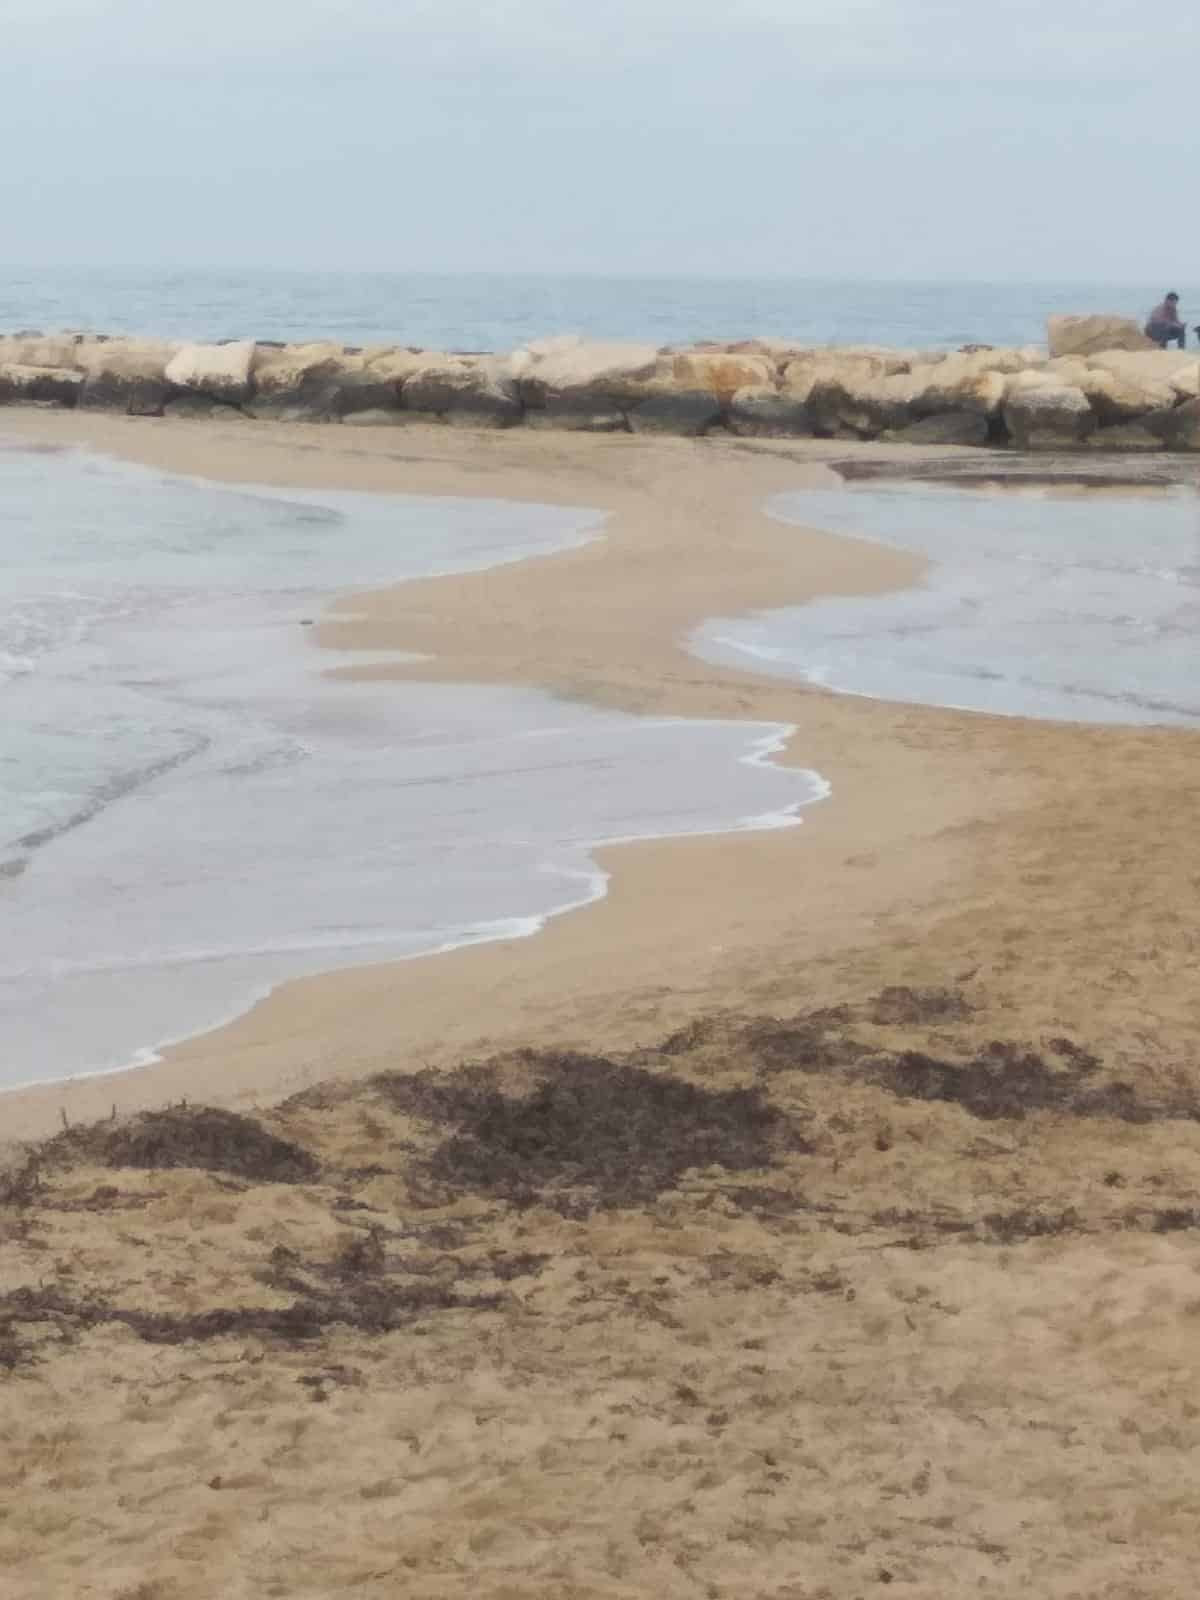 Bari fenomeno raro, il mare si ritrae a Pane e Pomodoro, limbo di sabbia congiunge la terraferma ai frangiflutti